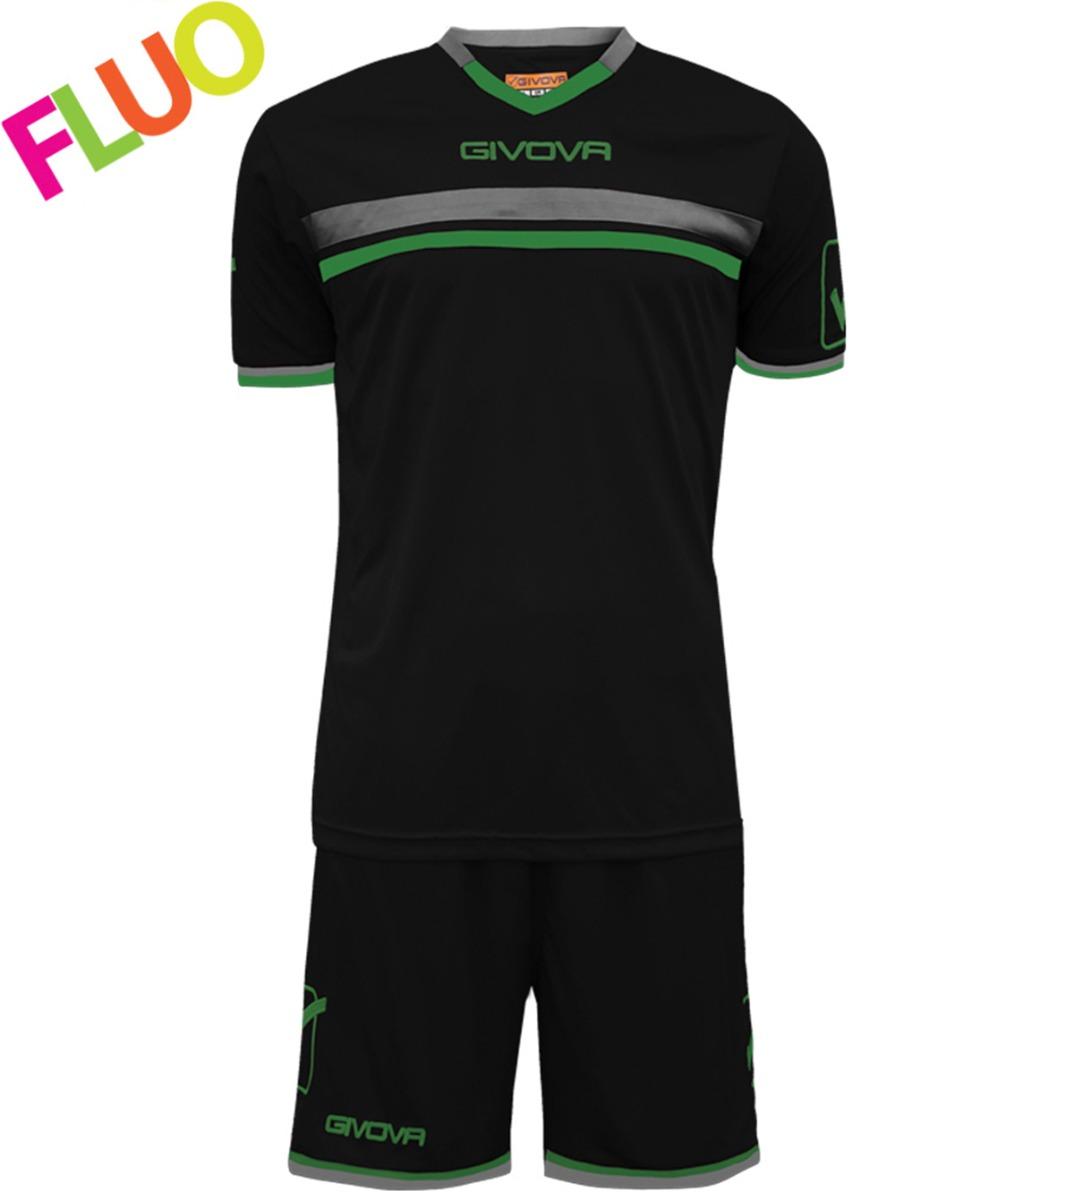 Kit-Game-Calcio-Sport-GIVOVA-Abbigliamento-Sportivo-Uomo-Calcistico-GIOSAL miniatura 11